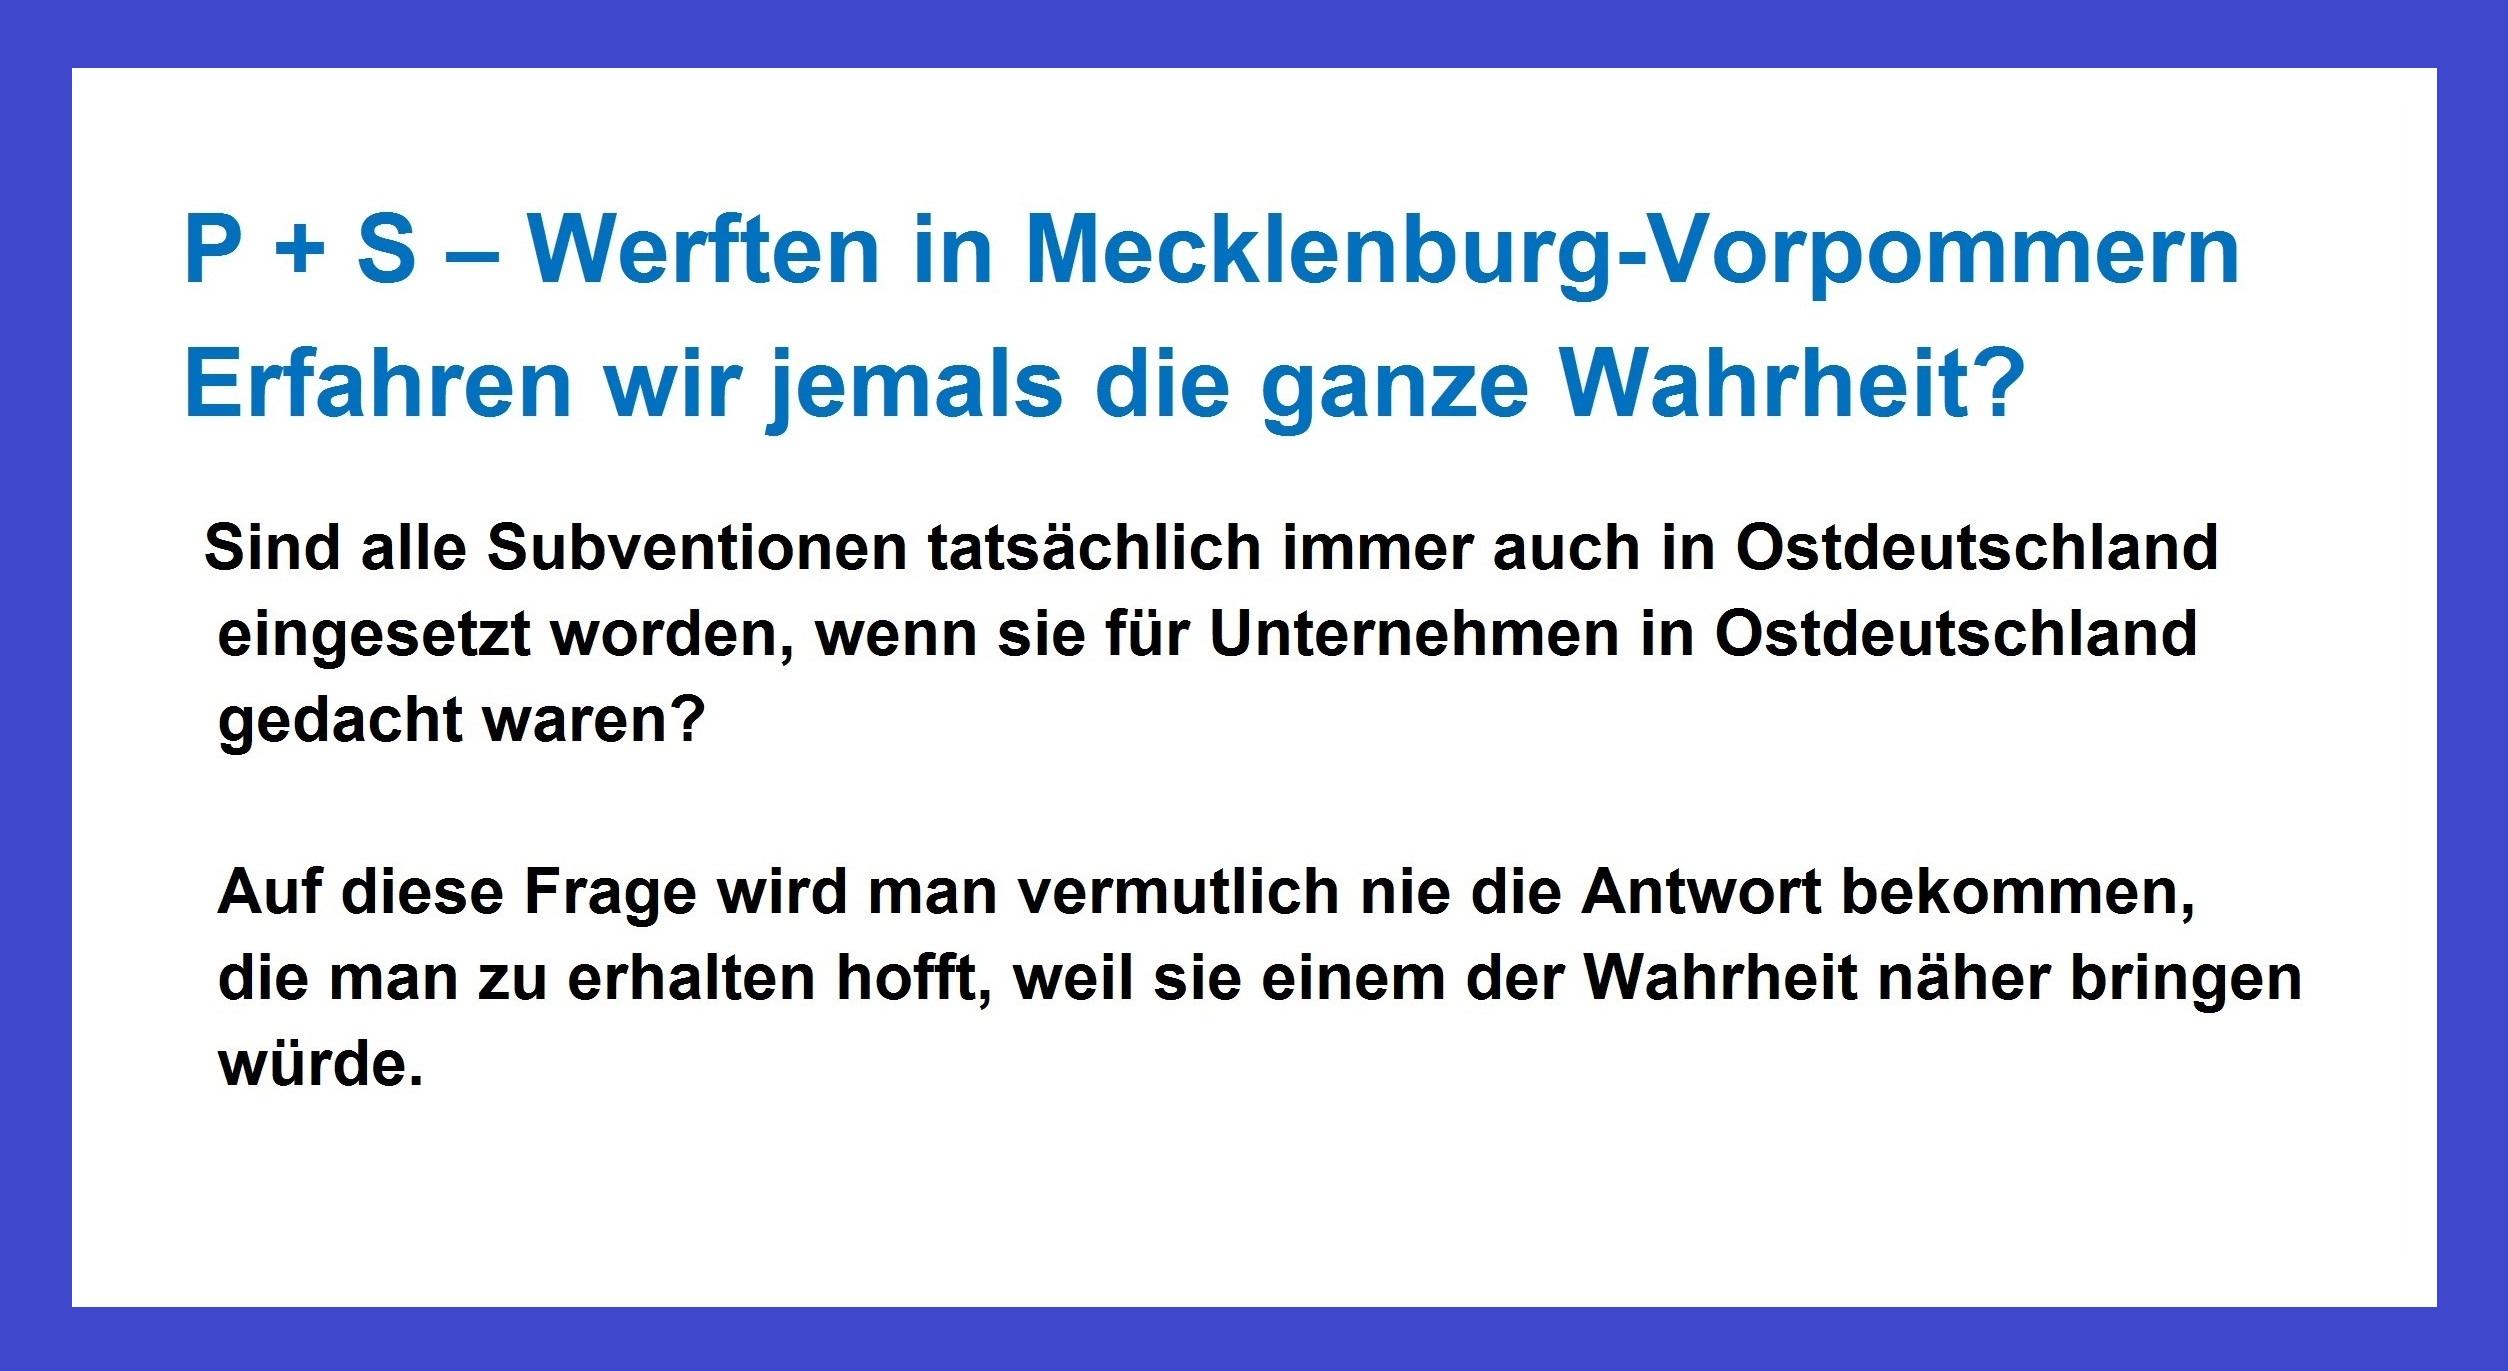 Das Werftendrama in Mecklenburg-Vorpommern auf Ostsee-Rundschau.de | P+S-Werften in Mecklenburg-Vorpommern | Erfahren wir jemals die ganze Wahrheit? Sind alle Subventionen tatsächlich immer auch in Ostdeutschland eingesetzt worden, wenn sie für Unternehmen in Ostdeutschland gedacht waren? Auf diese Frage wird man vermutlich nie die Antwort bekommen, die man zu erhalten hofft, weil sie einem der Wahrheit näher bringen würde.